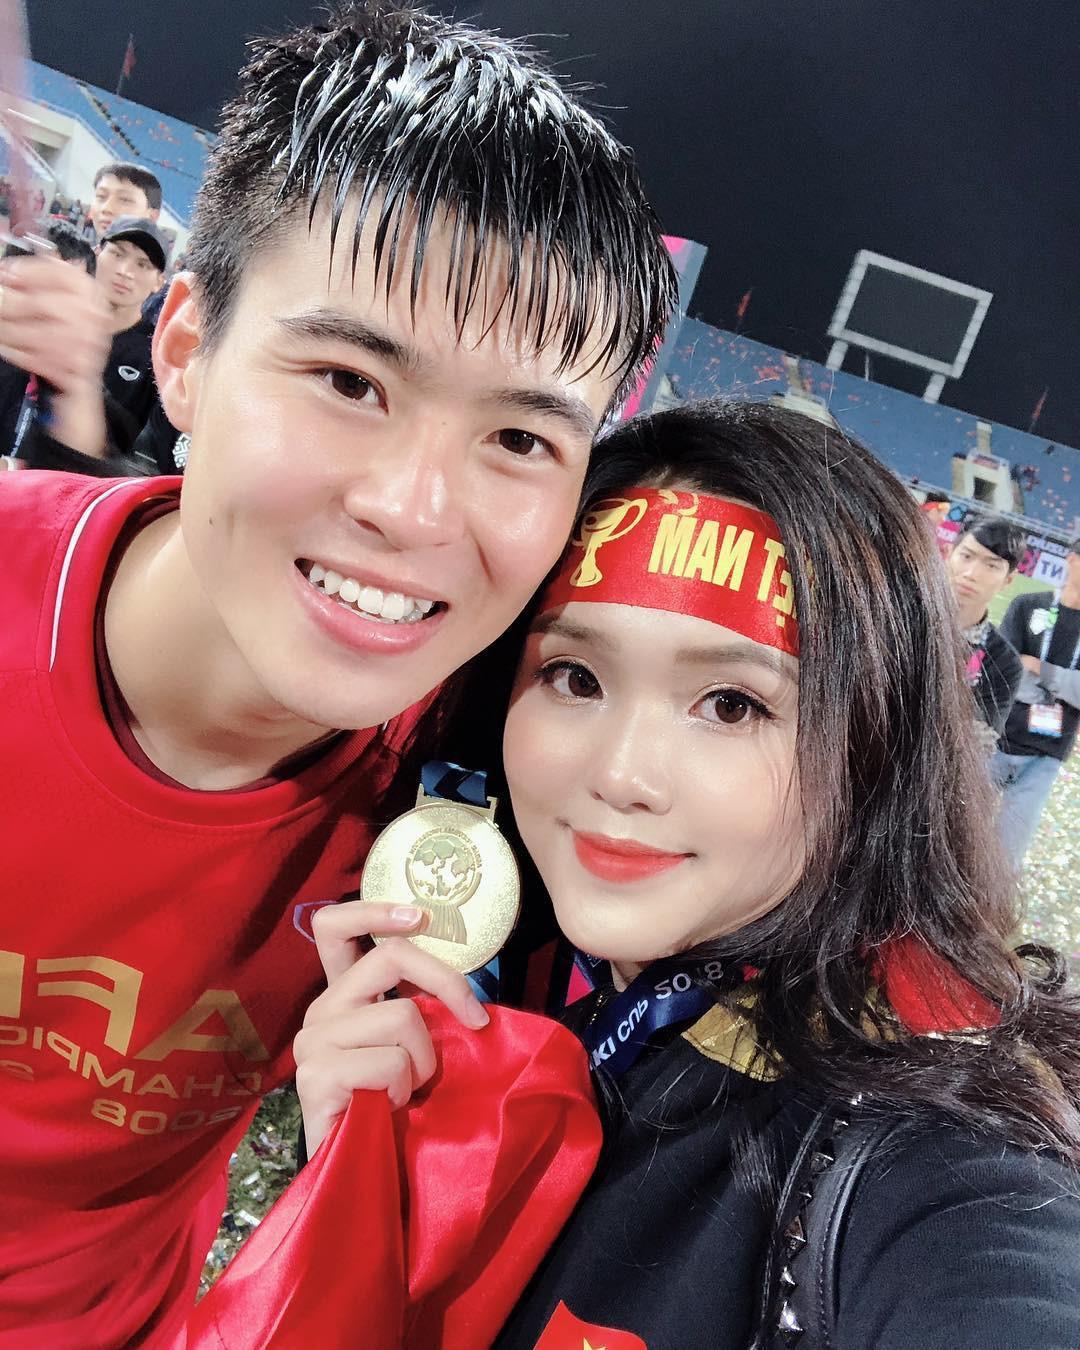 Tết chưa đến, Quỳnh Anh đã được bạn trai quốc dân Duy Mạnh tặng túi Chanel Boy trăm triệu, khiến hội chị em ghen tị hết sức